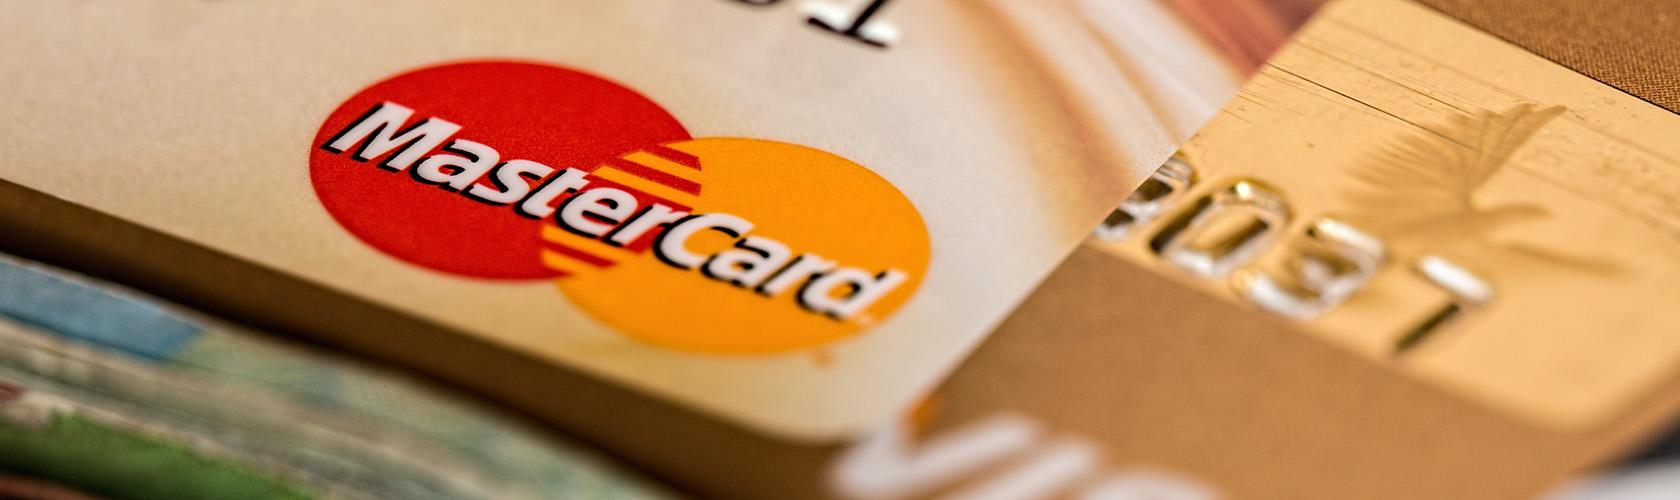 De voordelen van een creditcard op reis